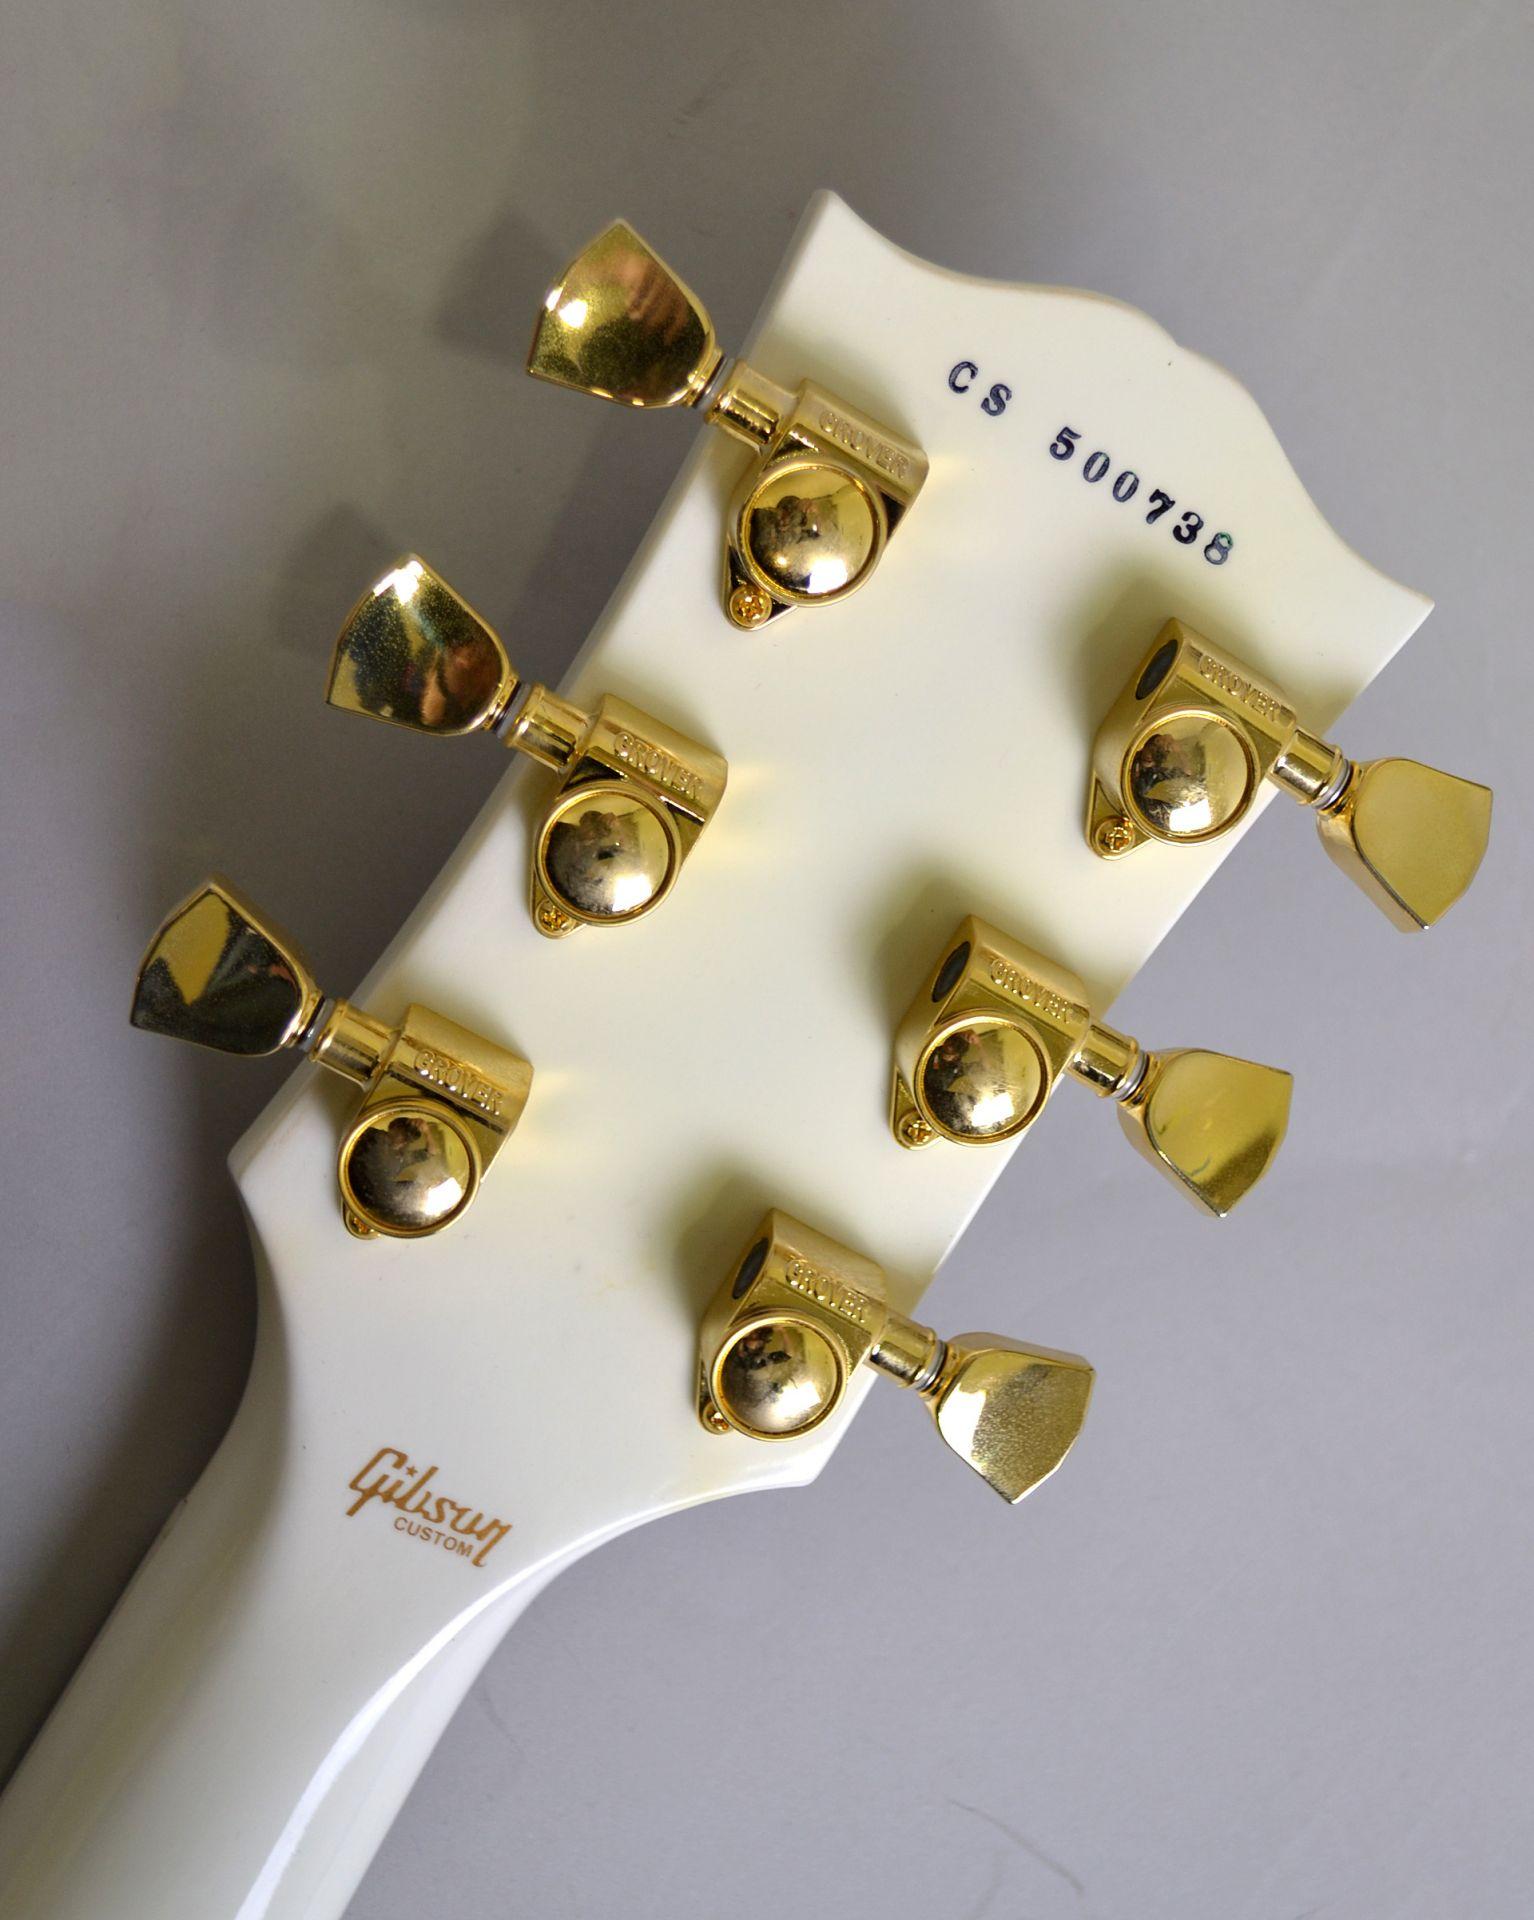 Les Paul Custom【Alpine White】の指板画像